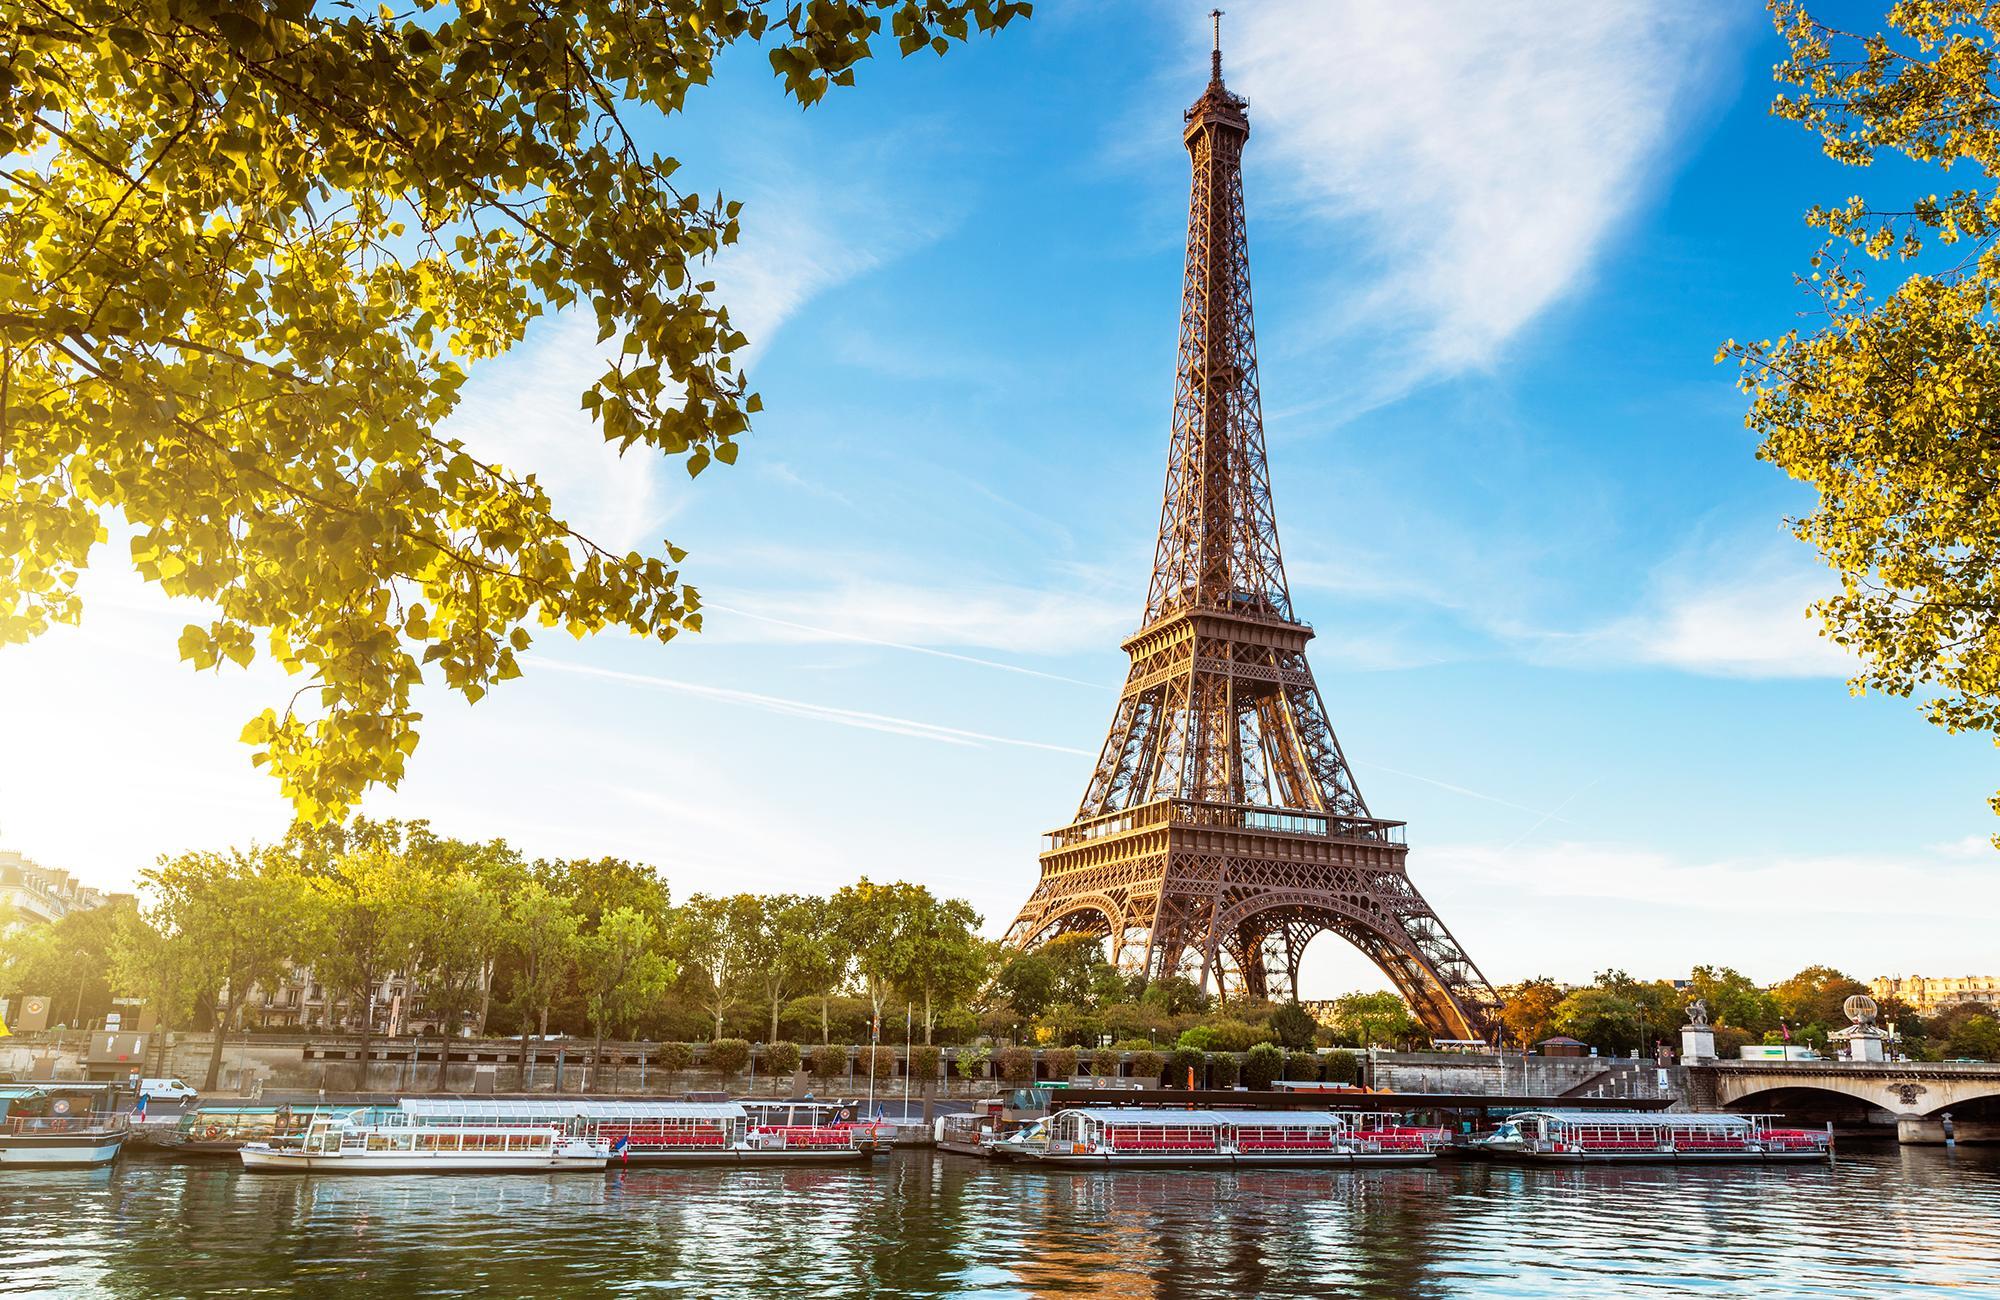 den berühmten Eiffelturm besichtigen